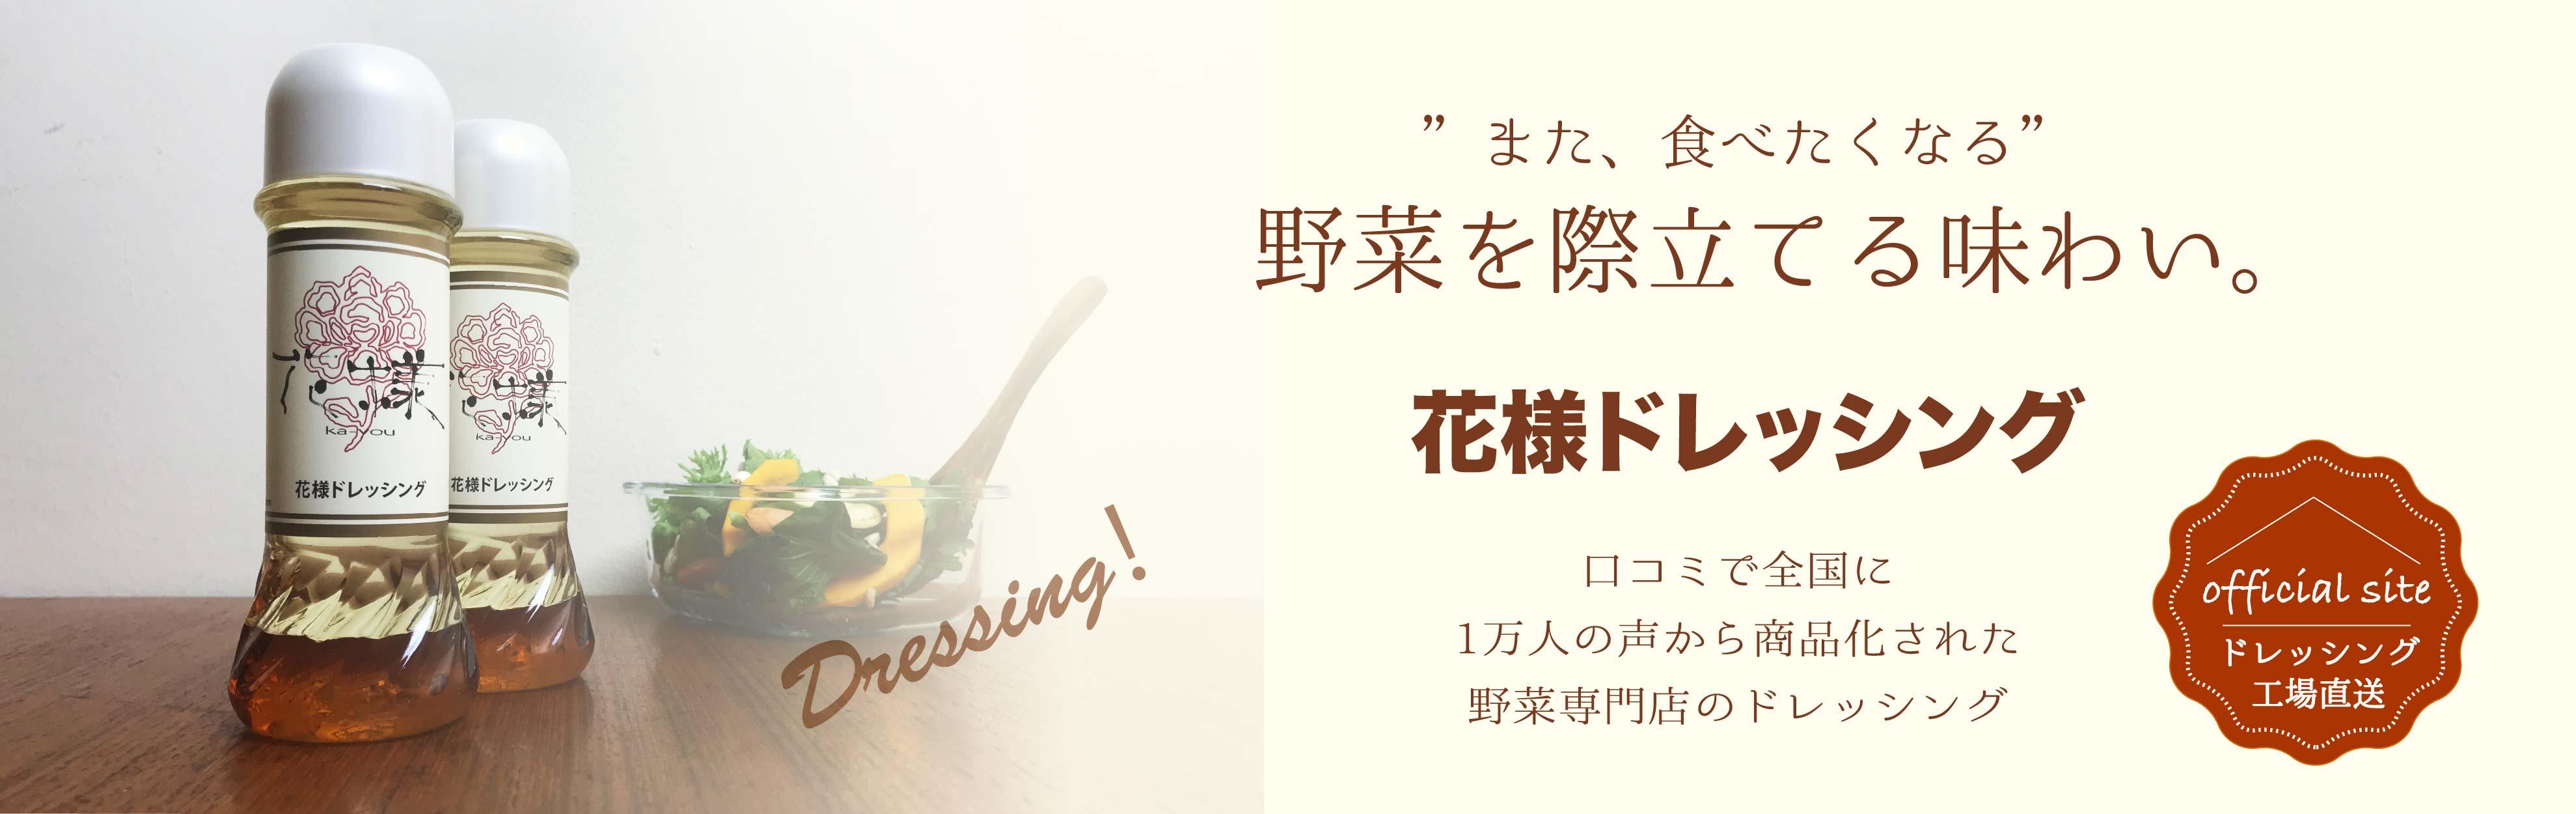 滋賀県産食材・花様ドレッシングのお取り寄せ